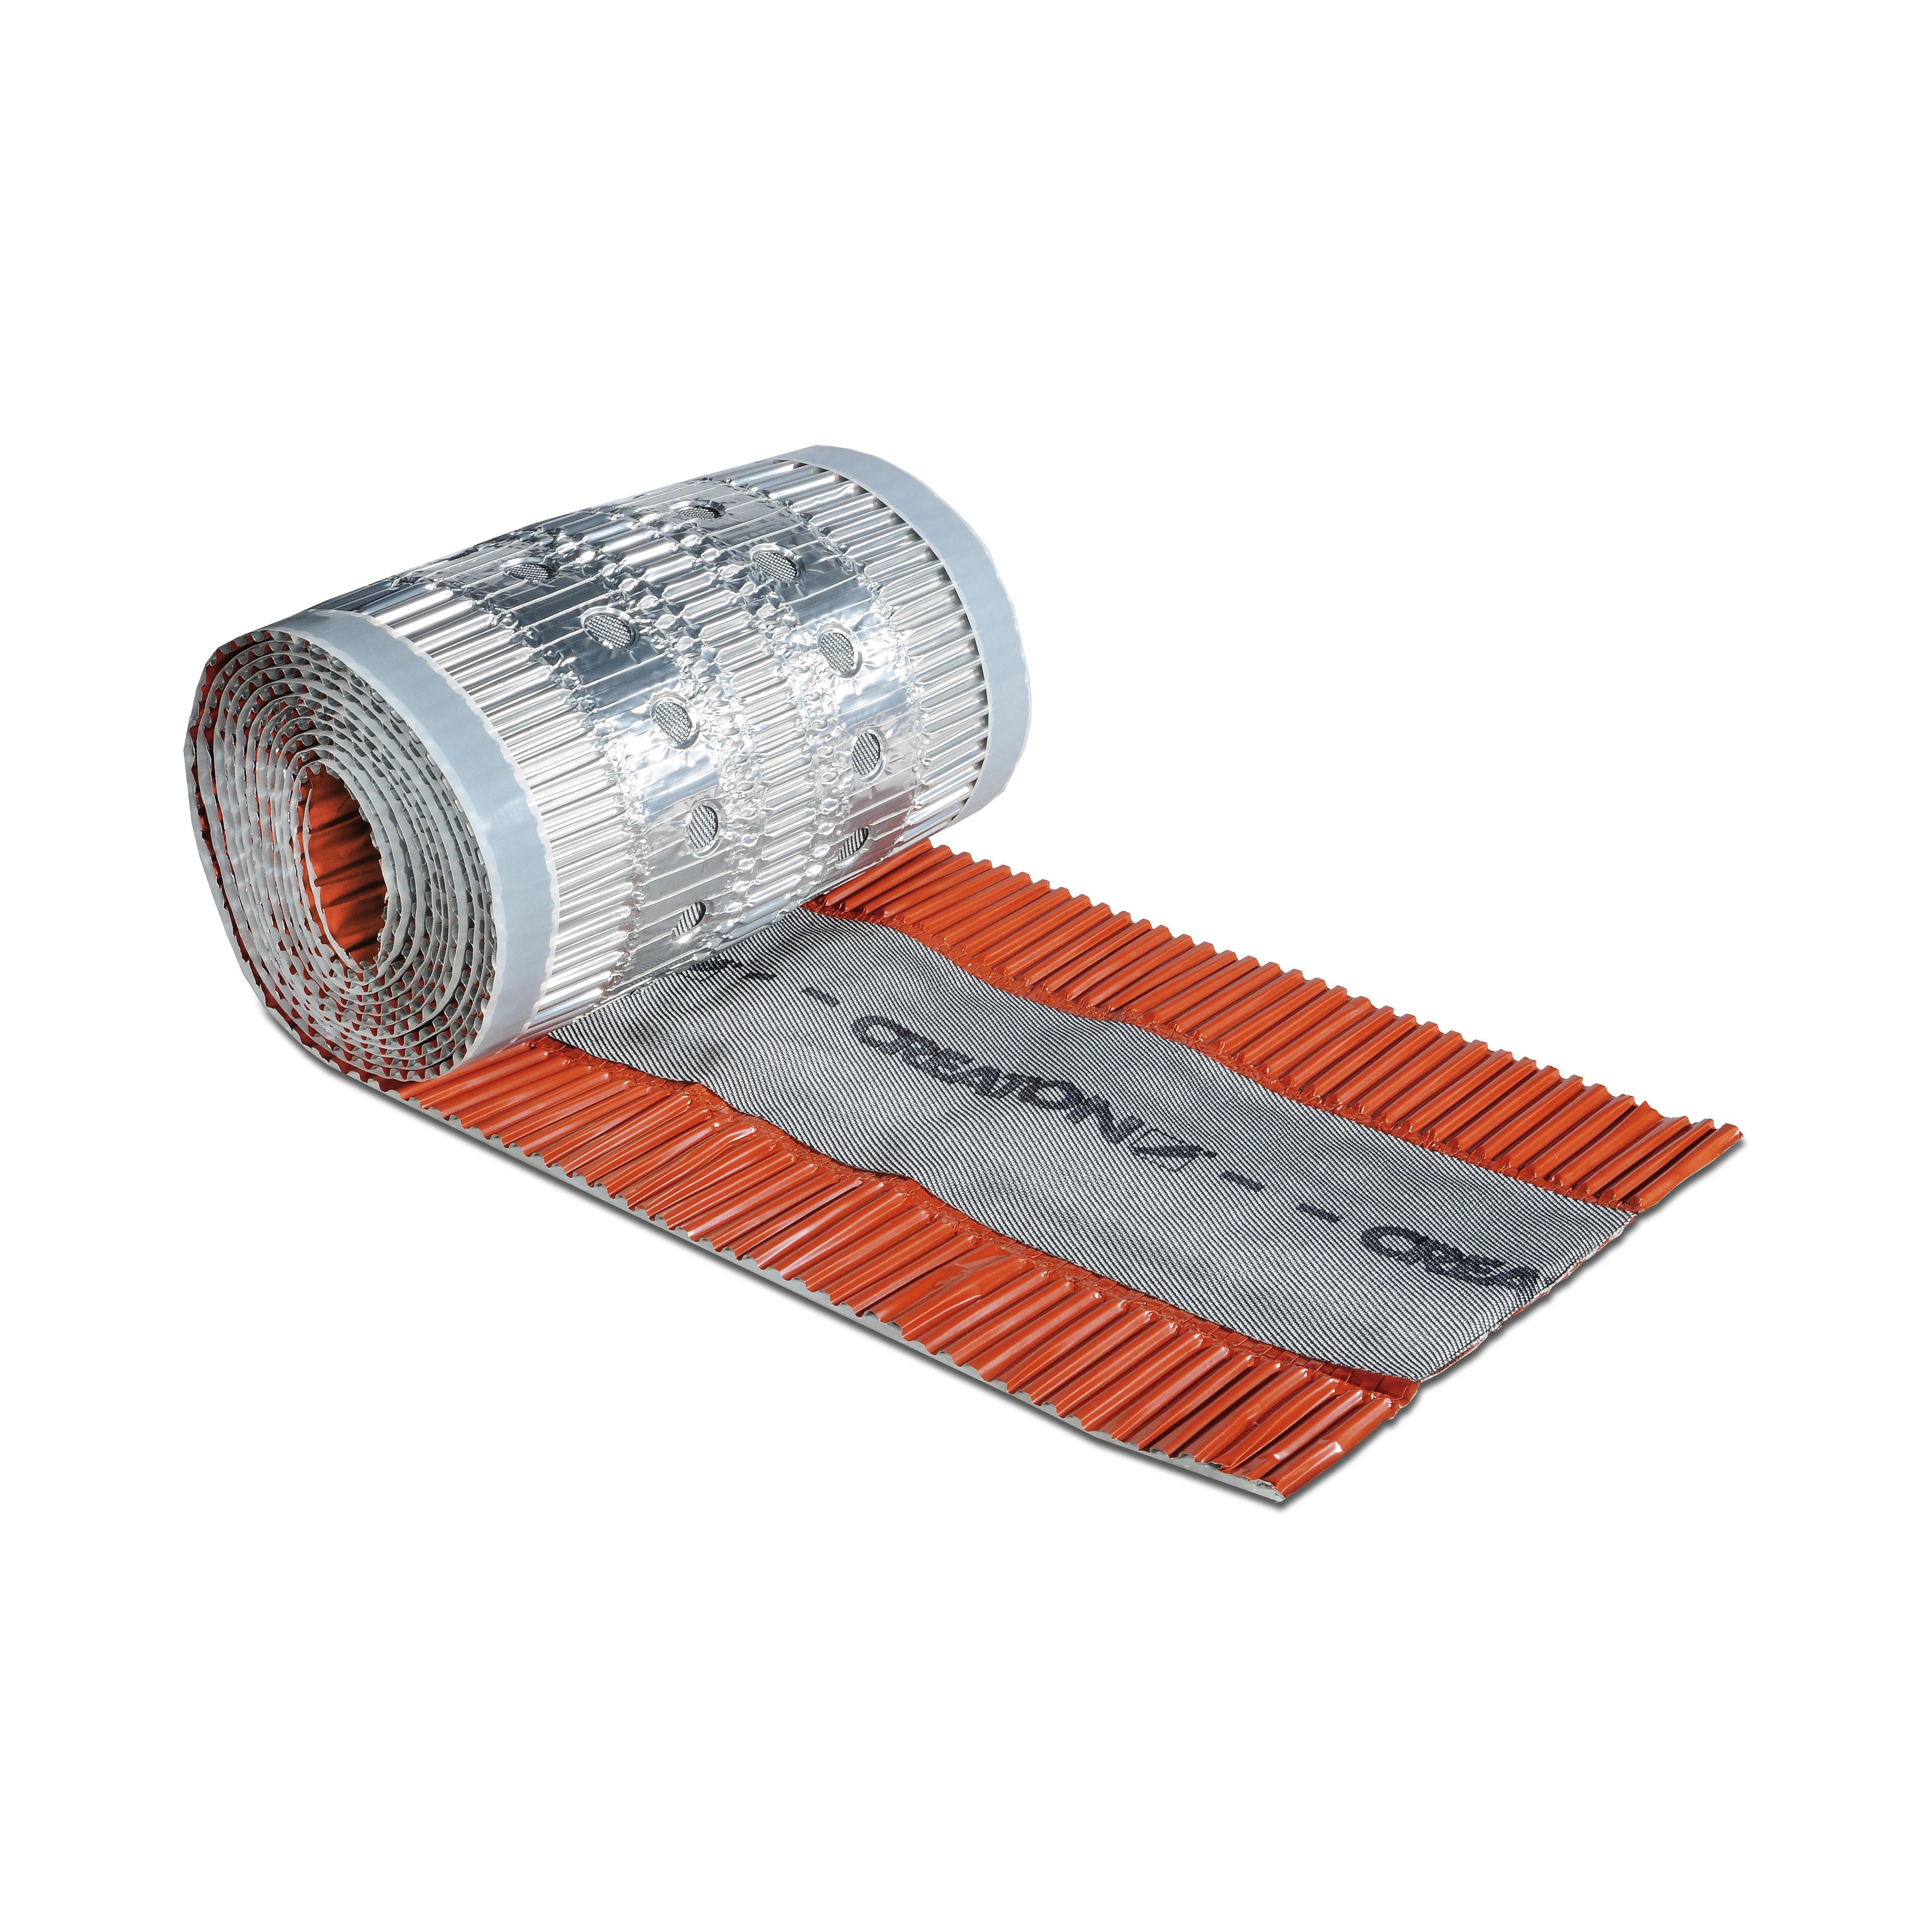 CREAROLL Alu First-/Gratrolle 150 cm² Lüftungsquerschnitt